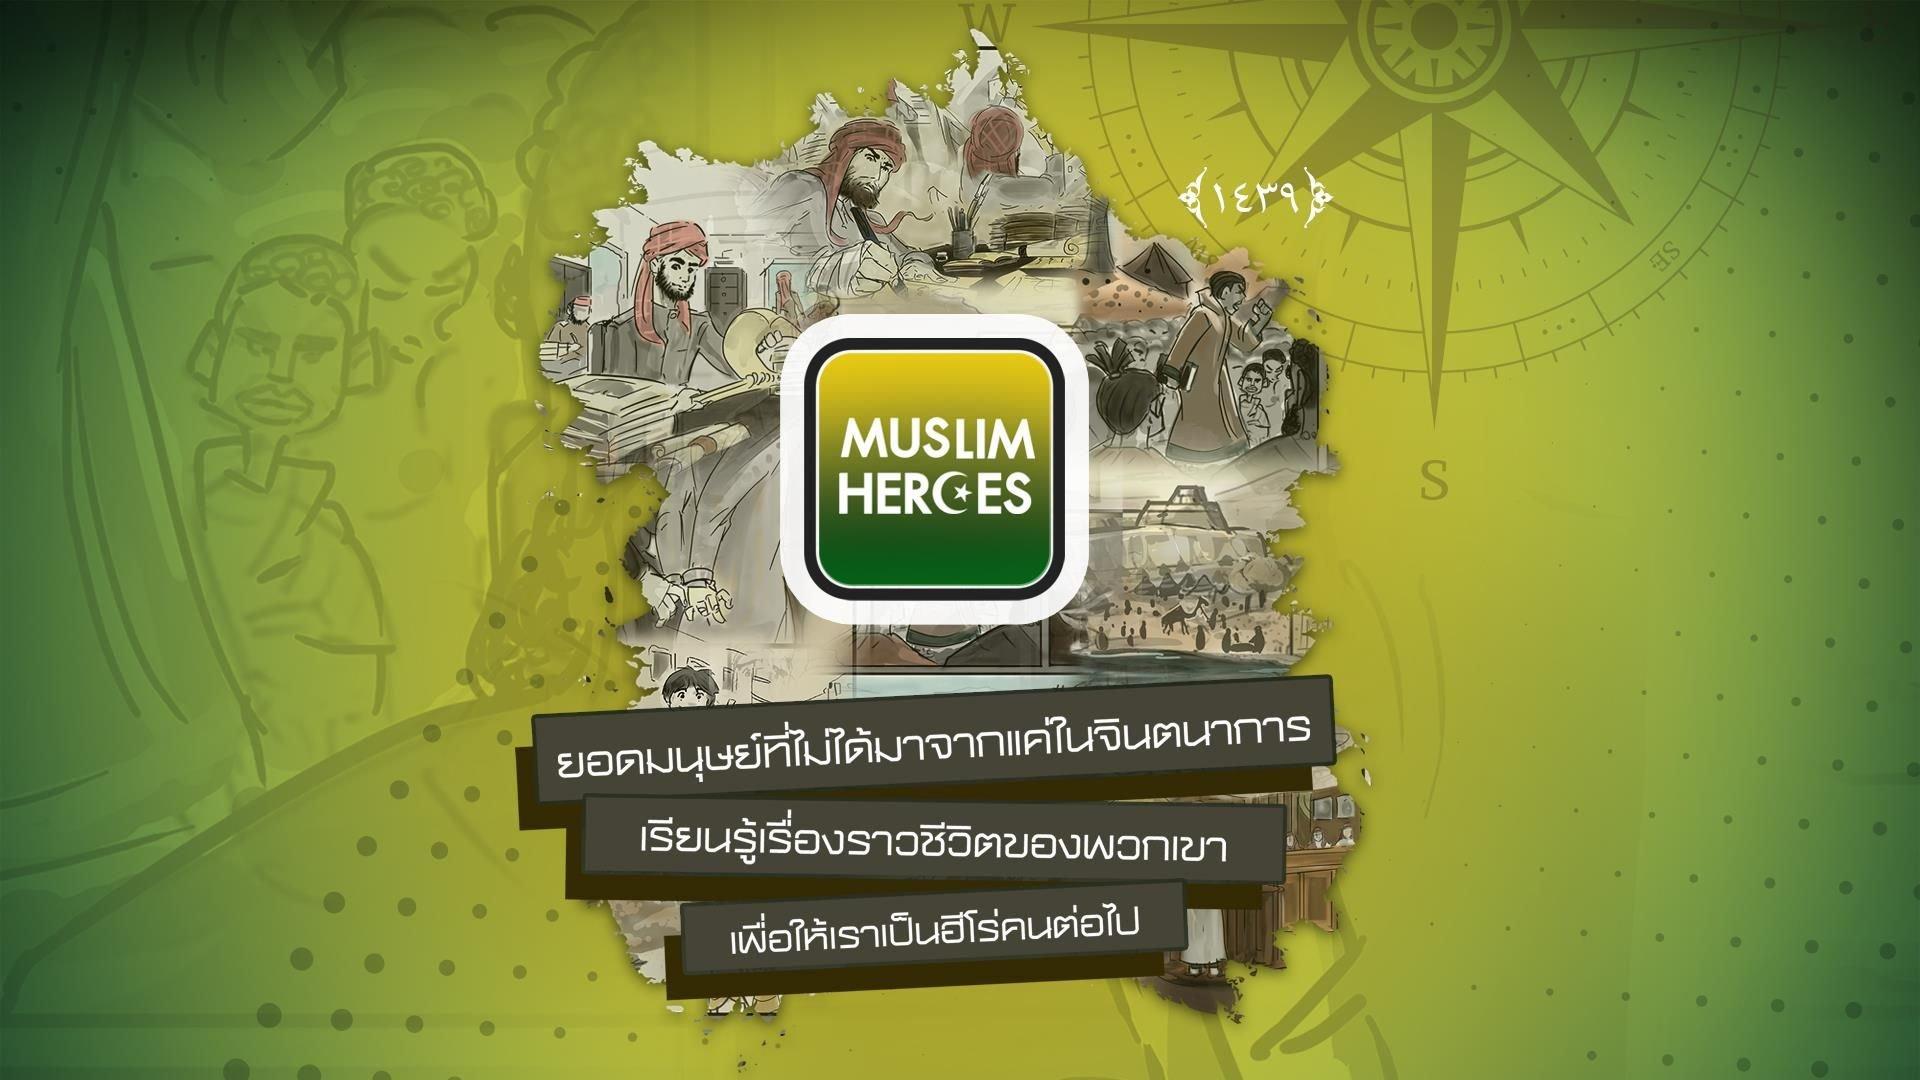 มุสลิมฮีโร่-Muslim-Heroes